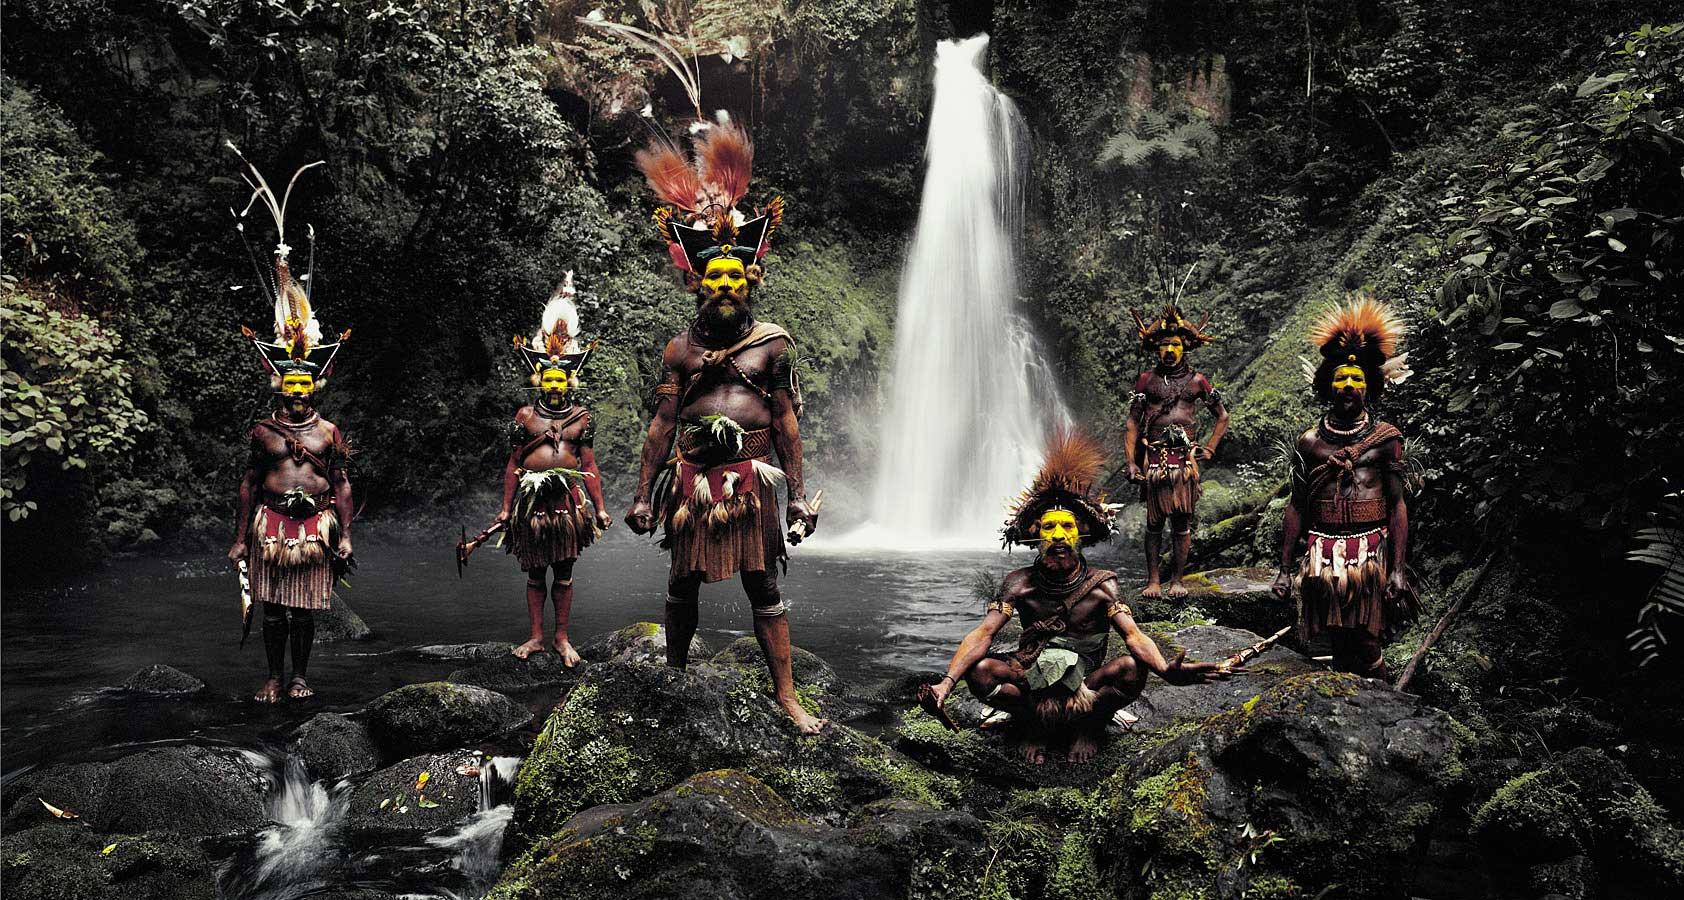 Huli Tribe, Papua New Guinea. Photo by Jimmy Nelson | Yellowtrace